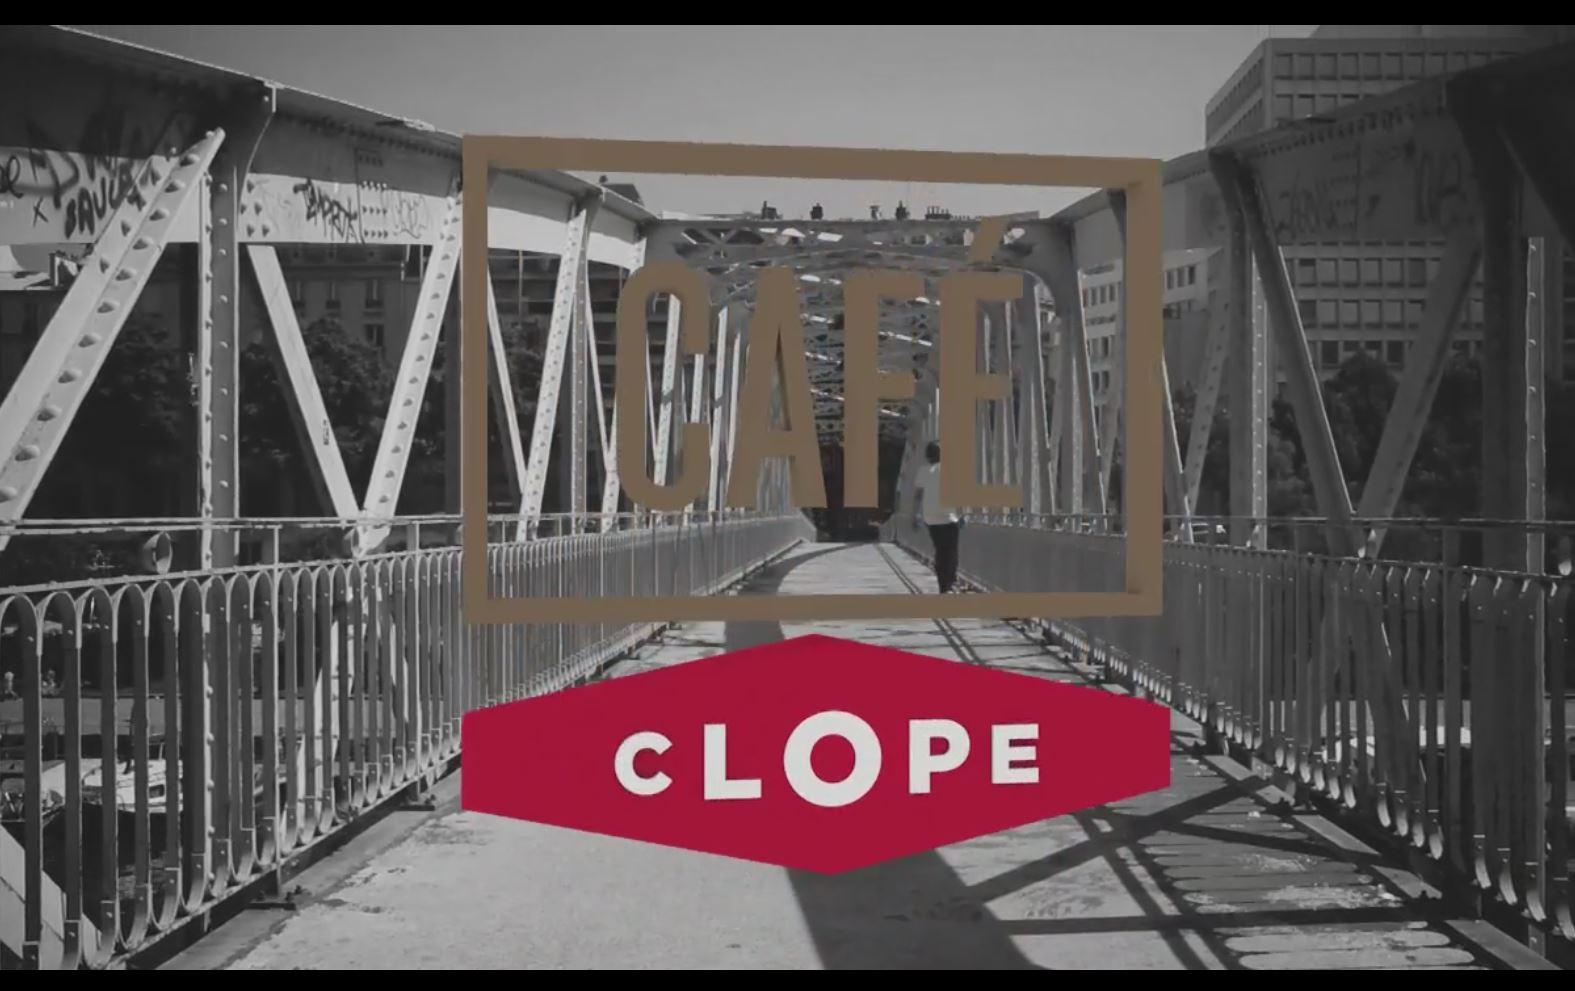 """Derechef, cliquez pour mater """"Café Clope""""     !"""